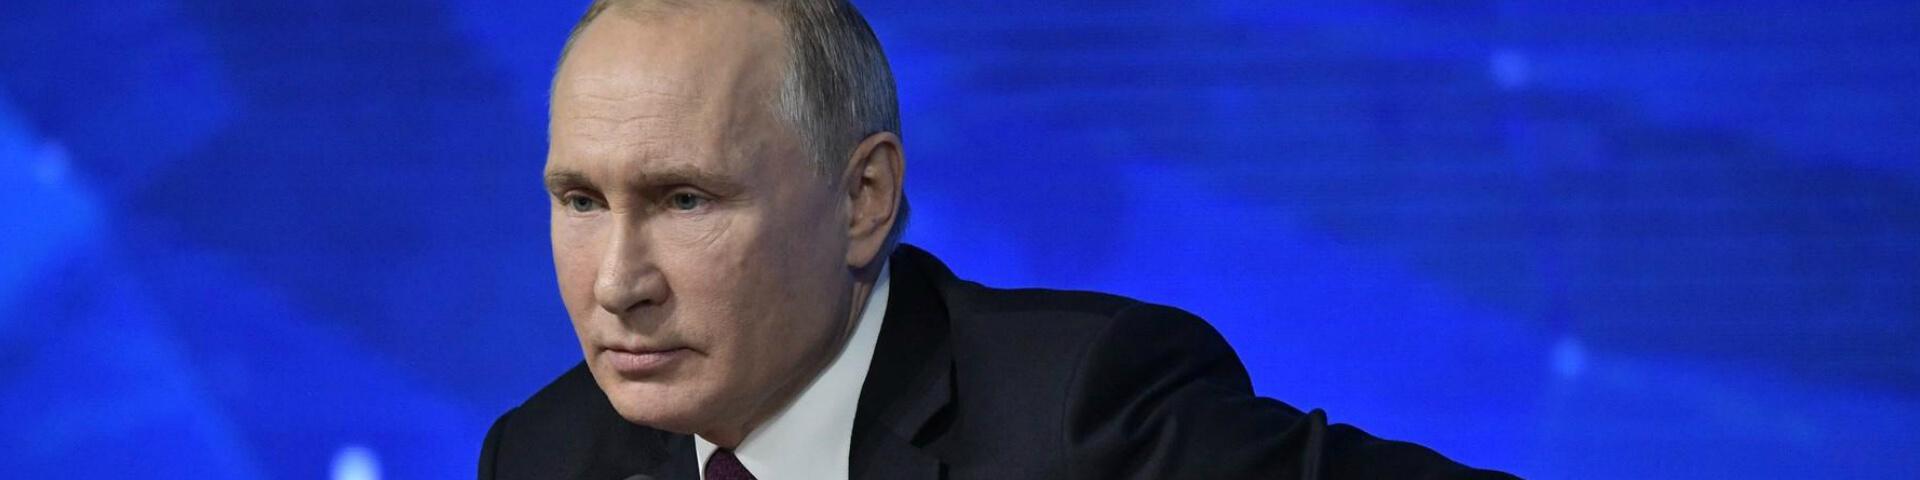 Путин подписал закон об упрощенной идентификации в букмекерских конторах